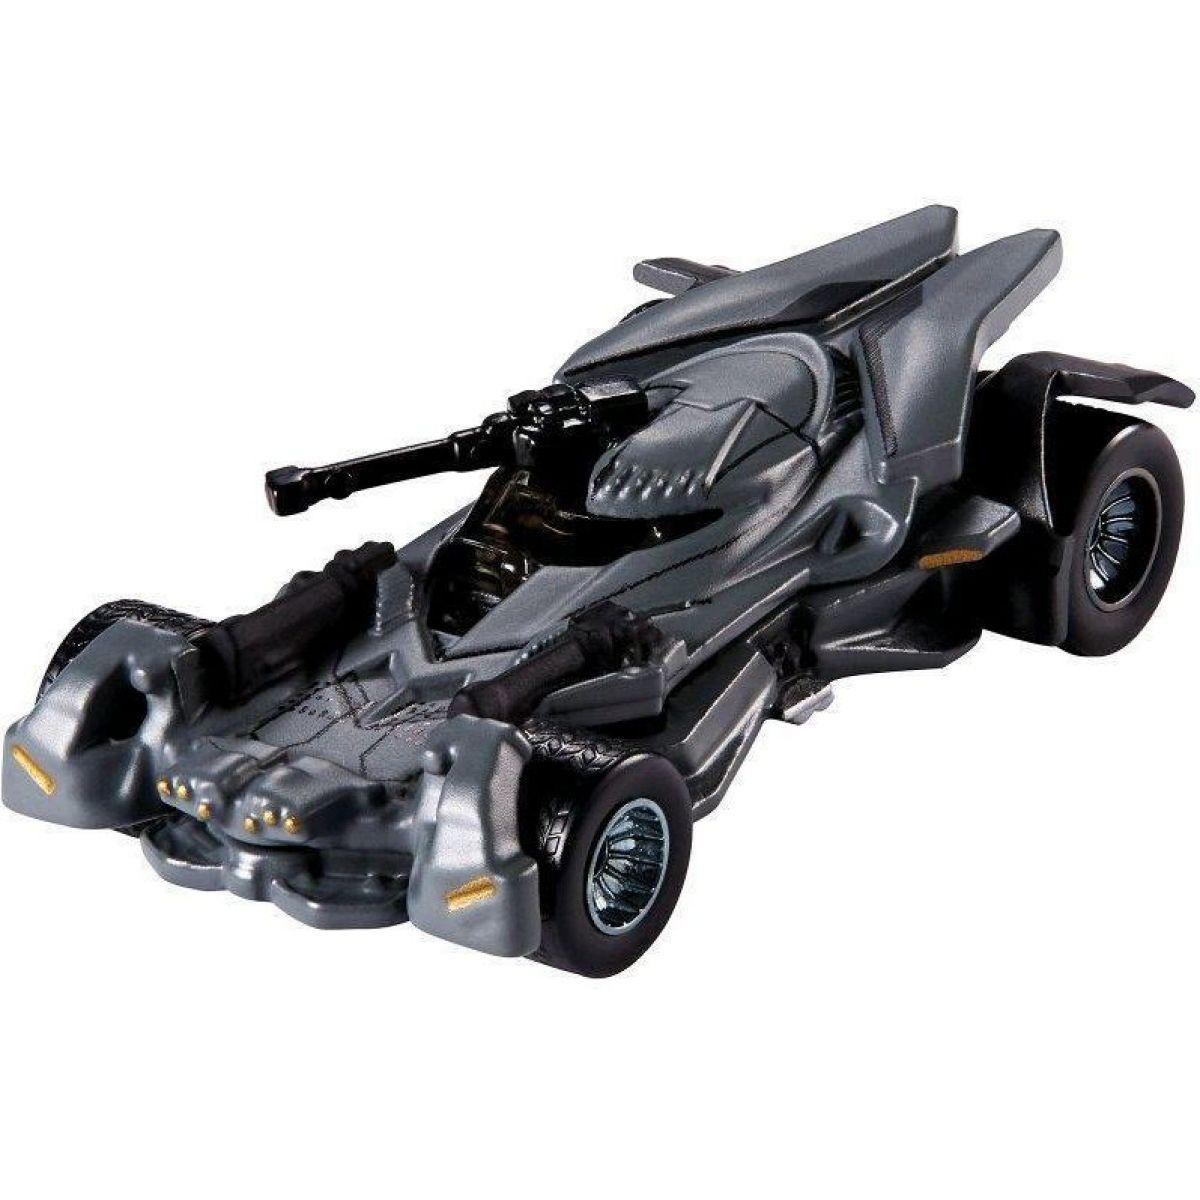 Hot Wheels Batman Prémiové auto 1:50 Justice League Batmobile